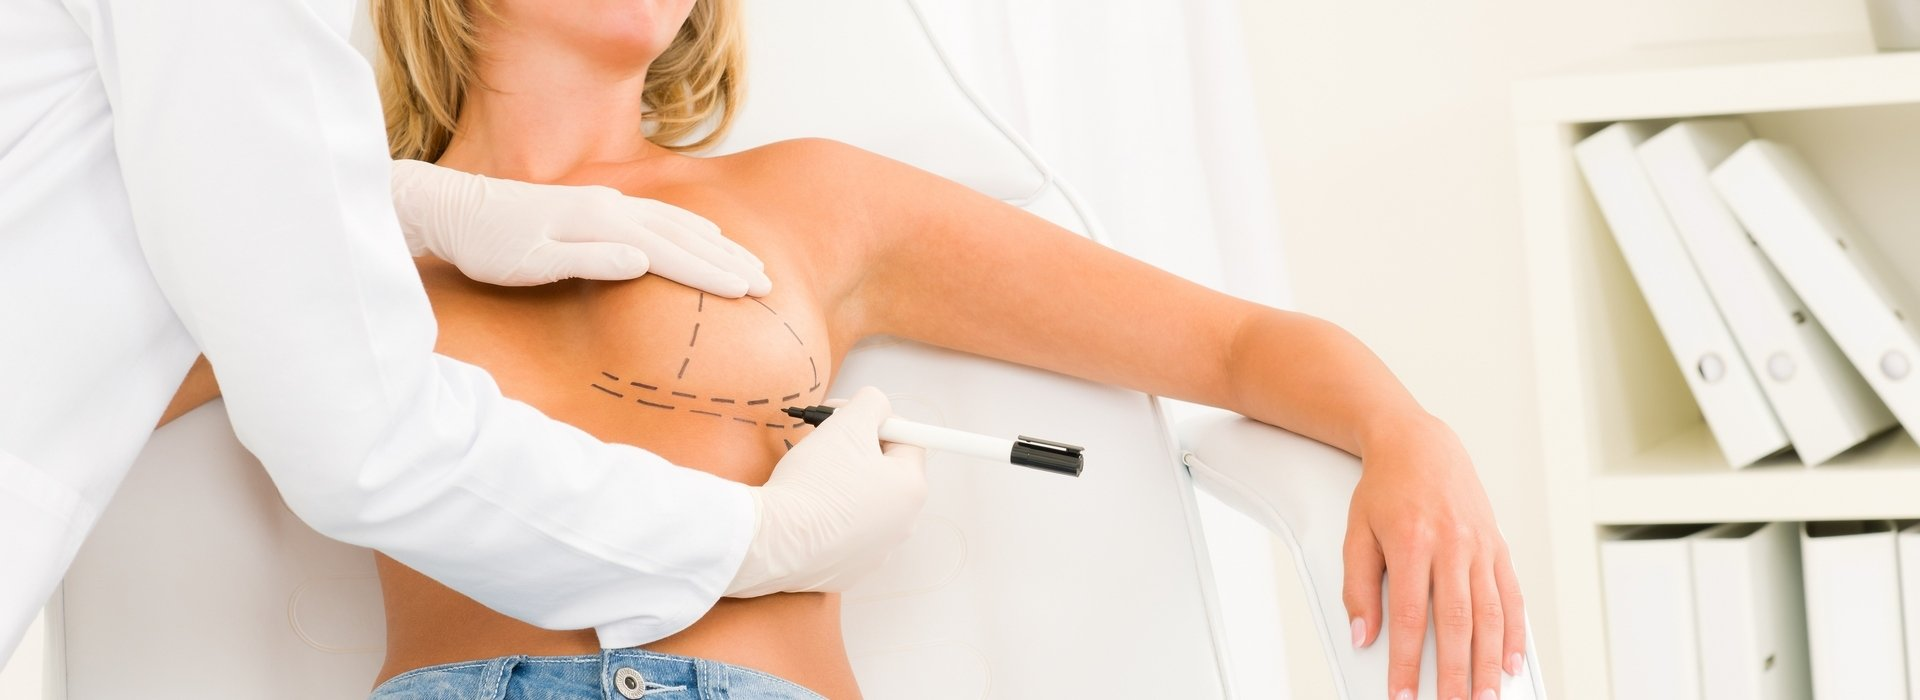 Brustbehandlungen in Budapest – Günstige Brustplastik Budapest